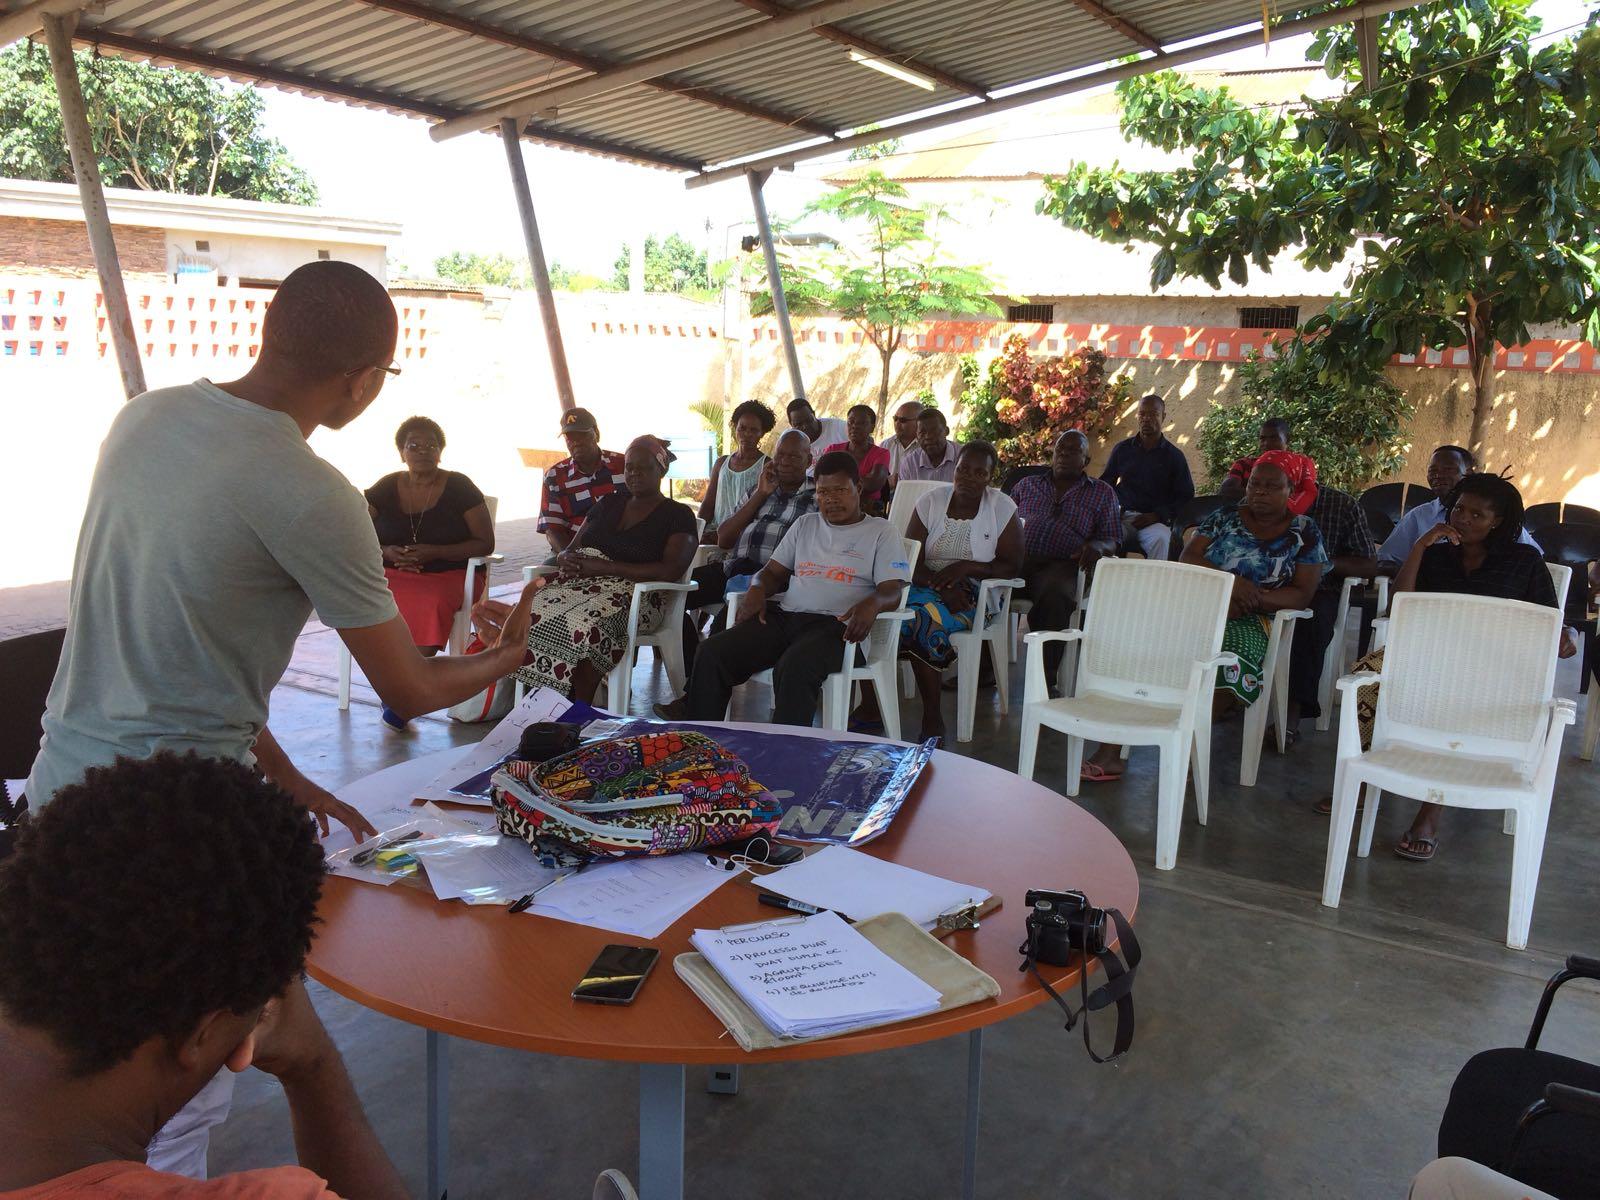 Reunió Liders Comunitaris Tramitació Duat Secretari Del Barri